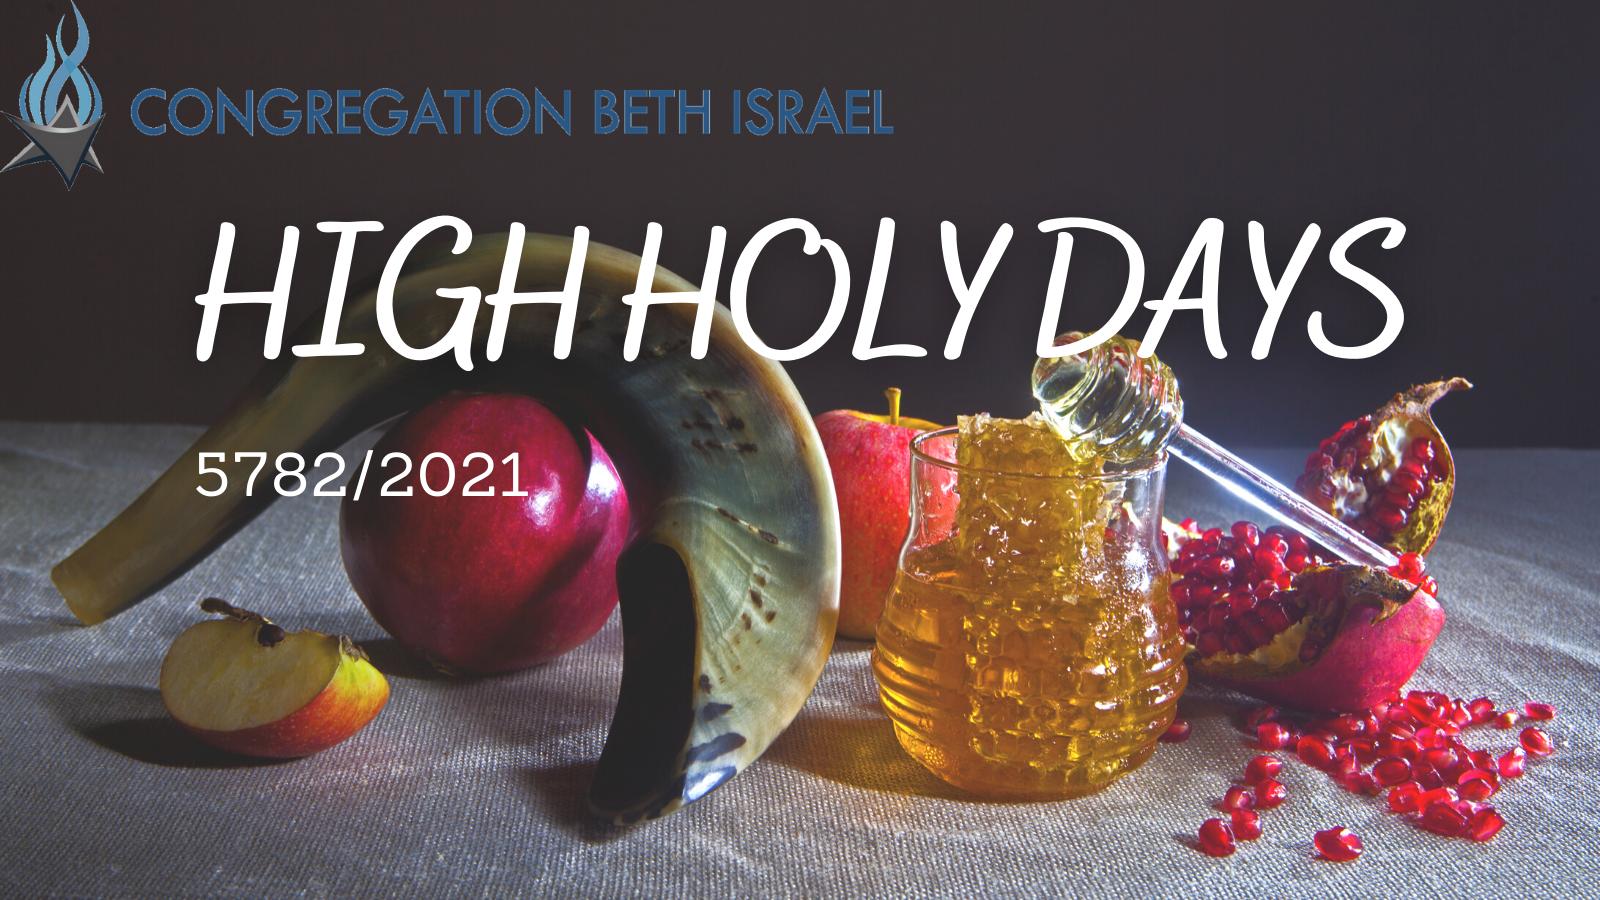 High Holy Days 5782